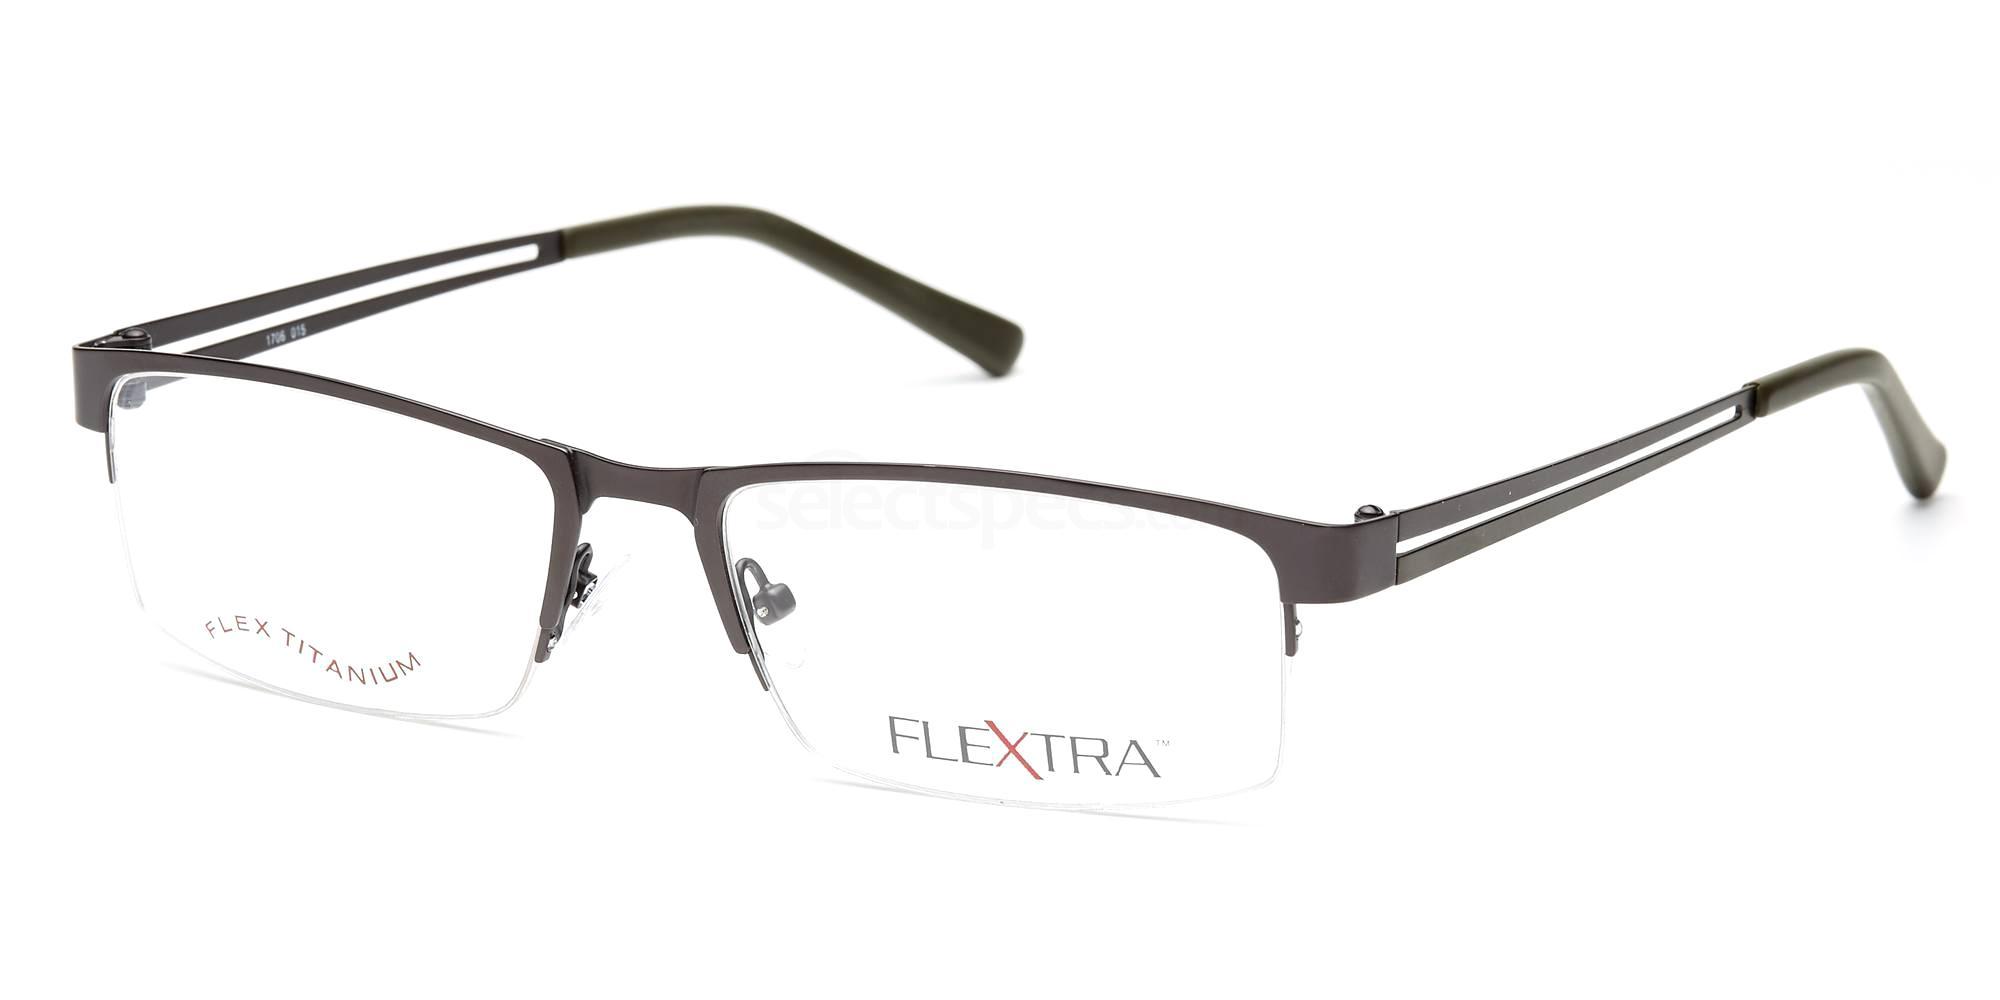 flextra glasses men